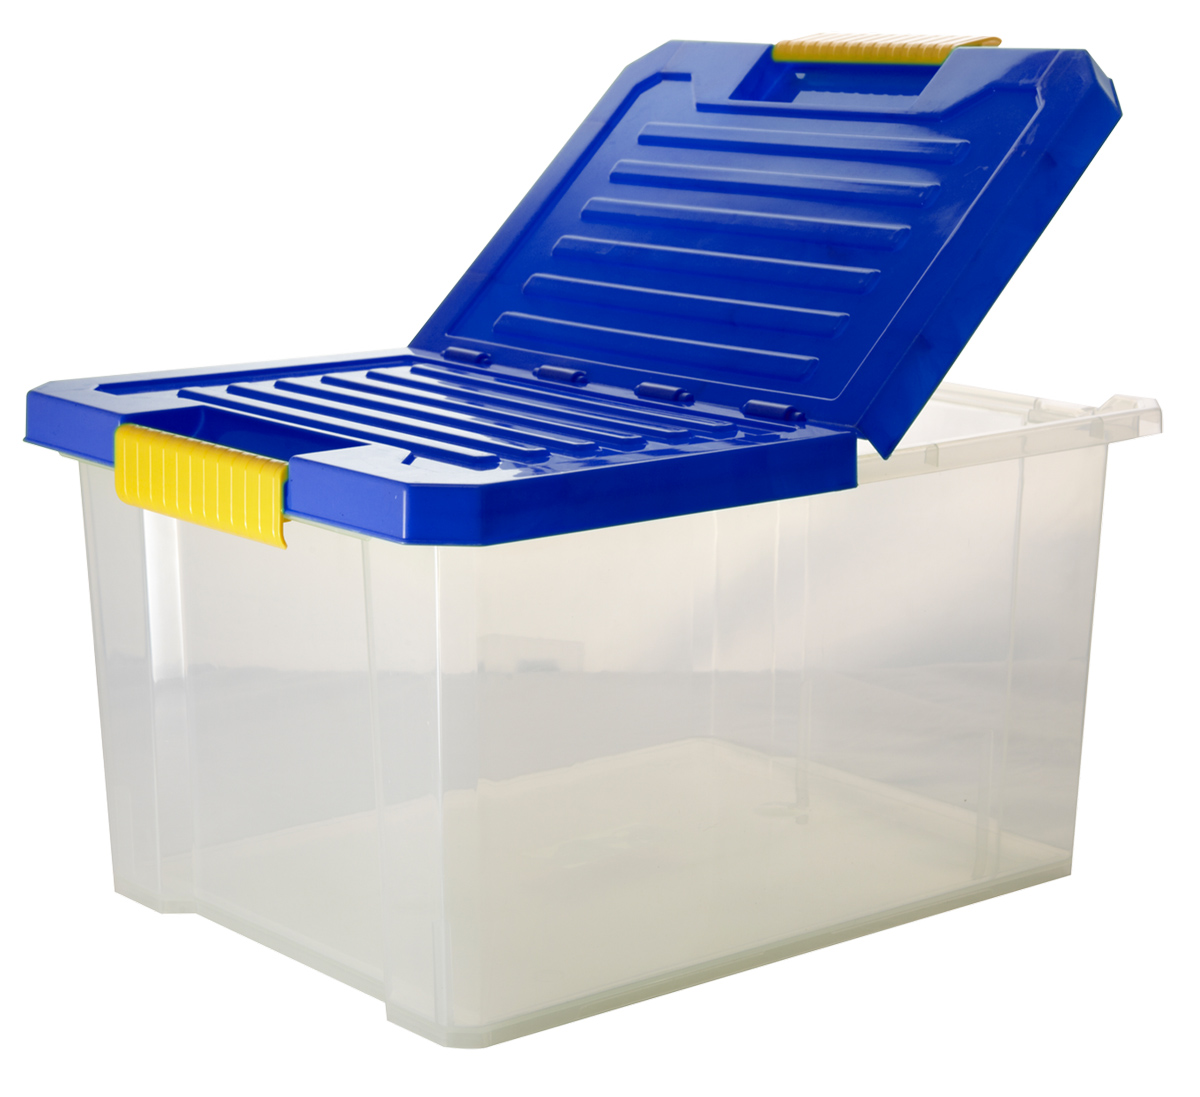 Ящик для хранения BranQ Unibox, цвет: синий, прозрачный, 17 л ящик для хранения branq optima на колесиках цвет синий прозрачный 57 л